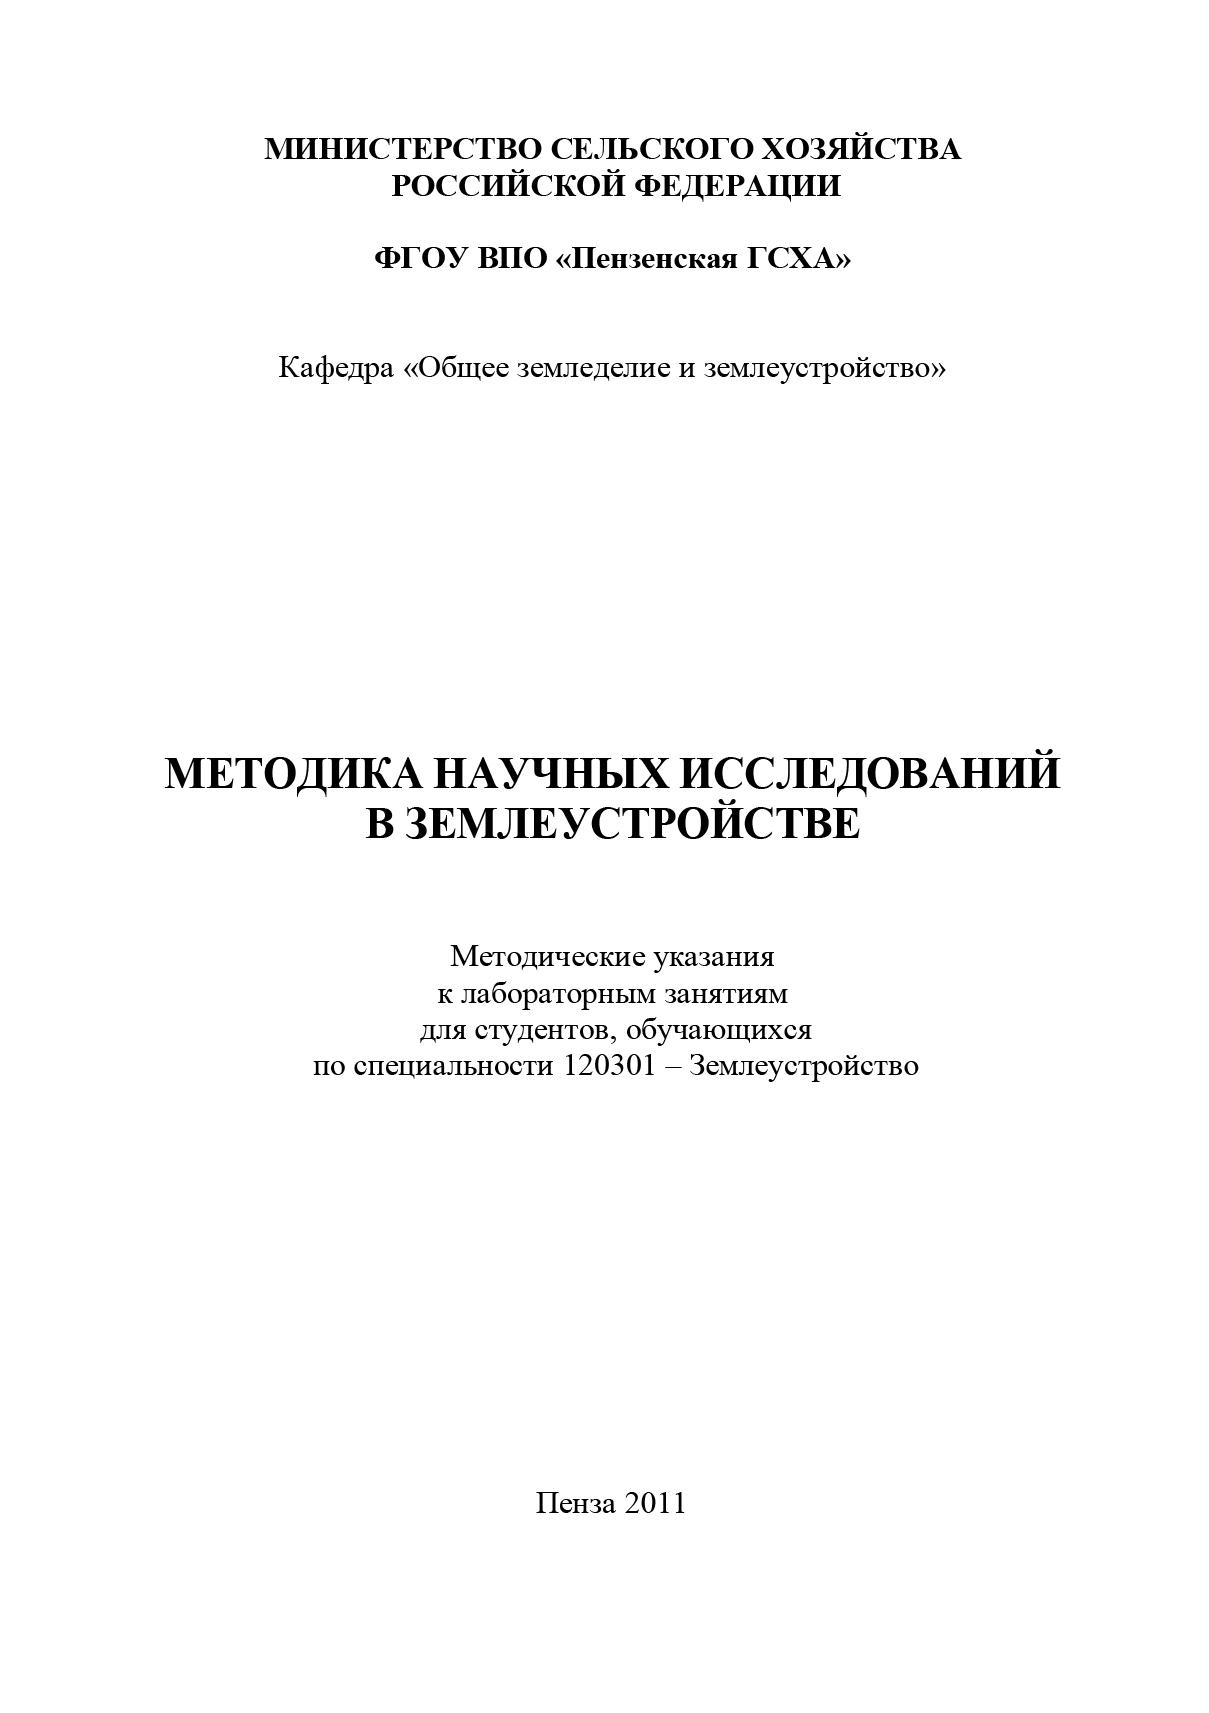 С. В. Богомазов Методика научных исследований в землеустройстве разработка занятий по теме особенности выполнения слесарных работ